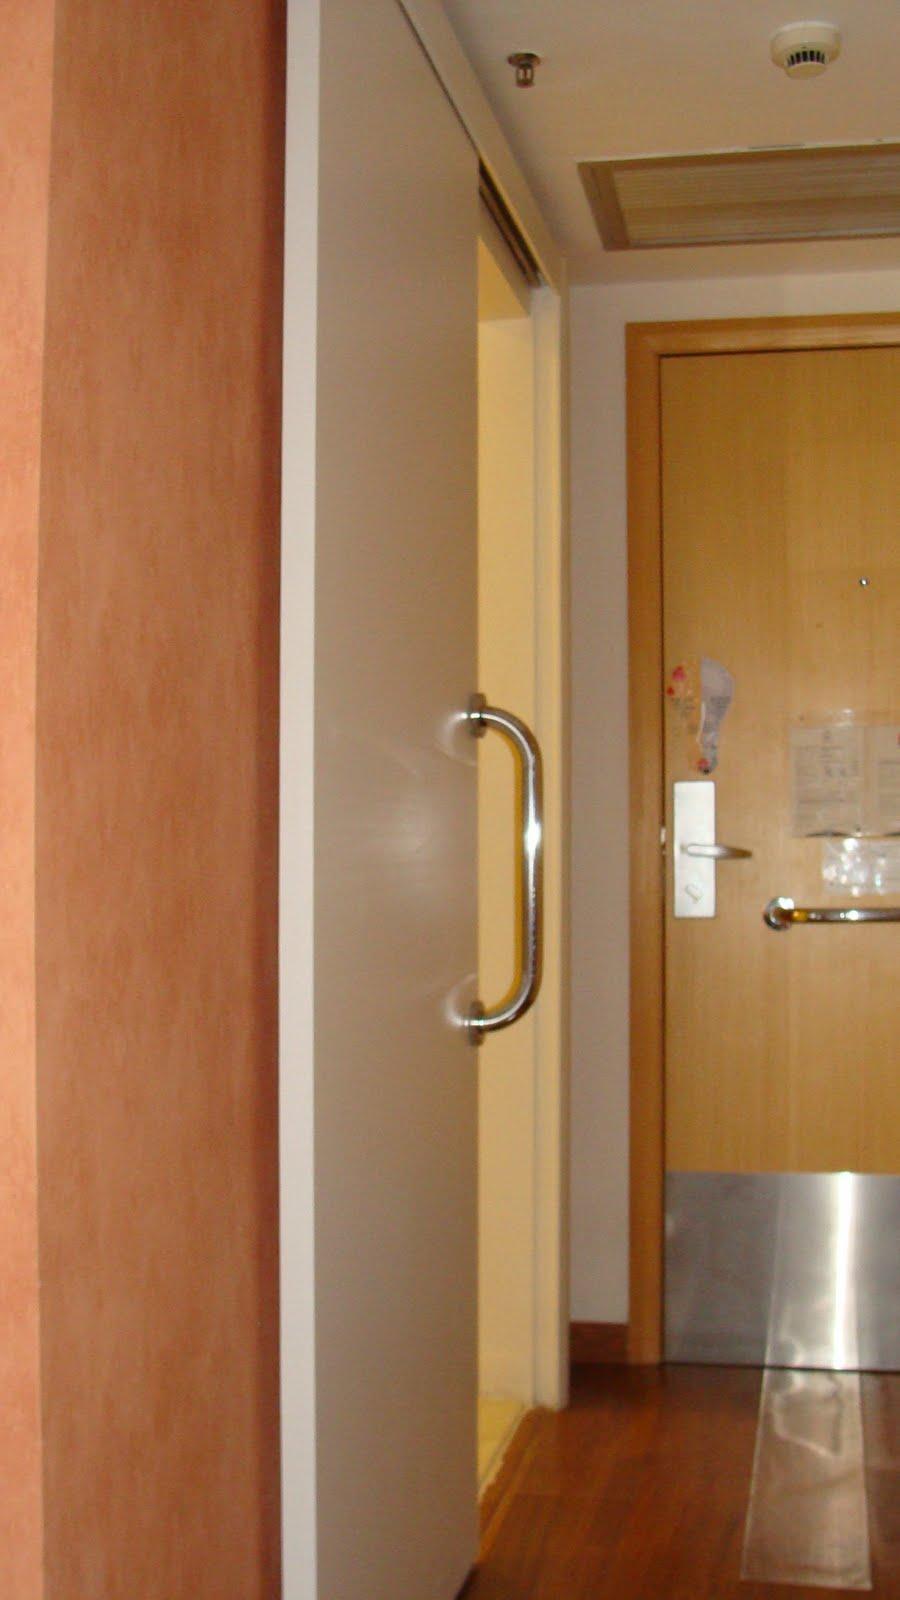 Porta De Correr De Vidro No Quarto ~ porta de correr do quarto para o banheiro o que acho ?timo al?m de